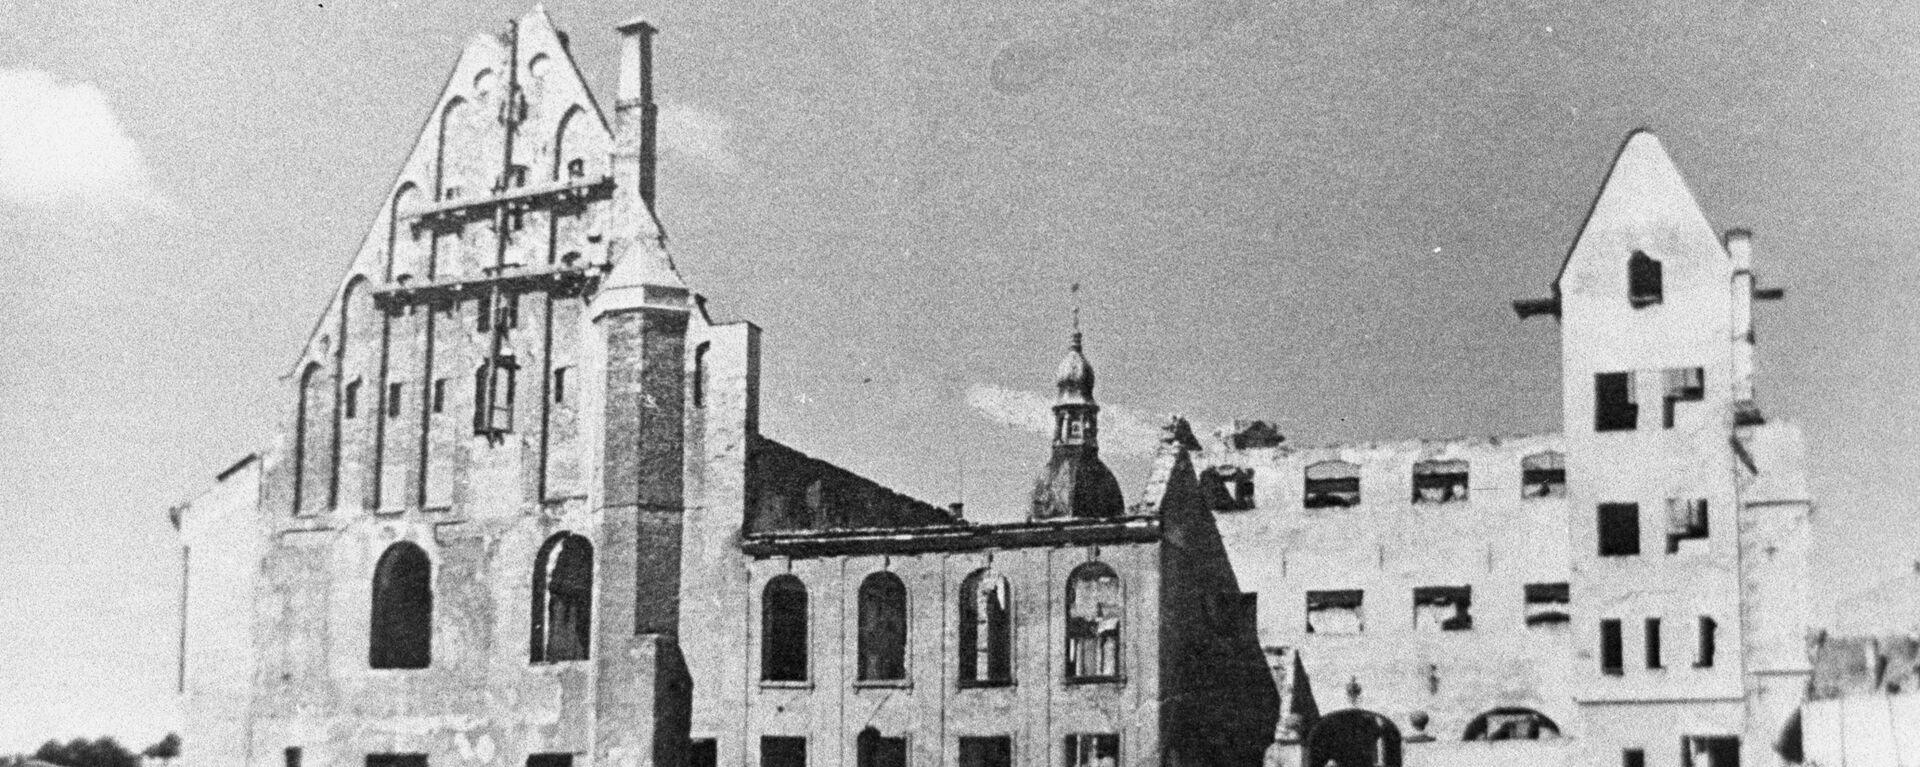 Дом Черноголовых сгорел в Риге 28 июня 1941 года в ходе военных действий - Sputnik Латвия, 1920, 21.06.2021